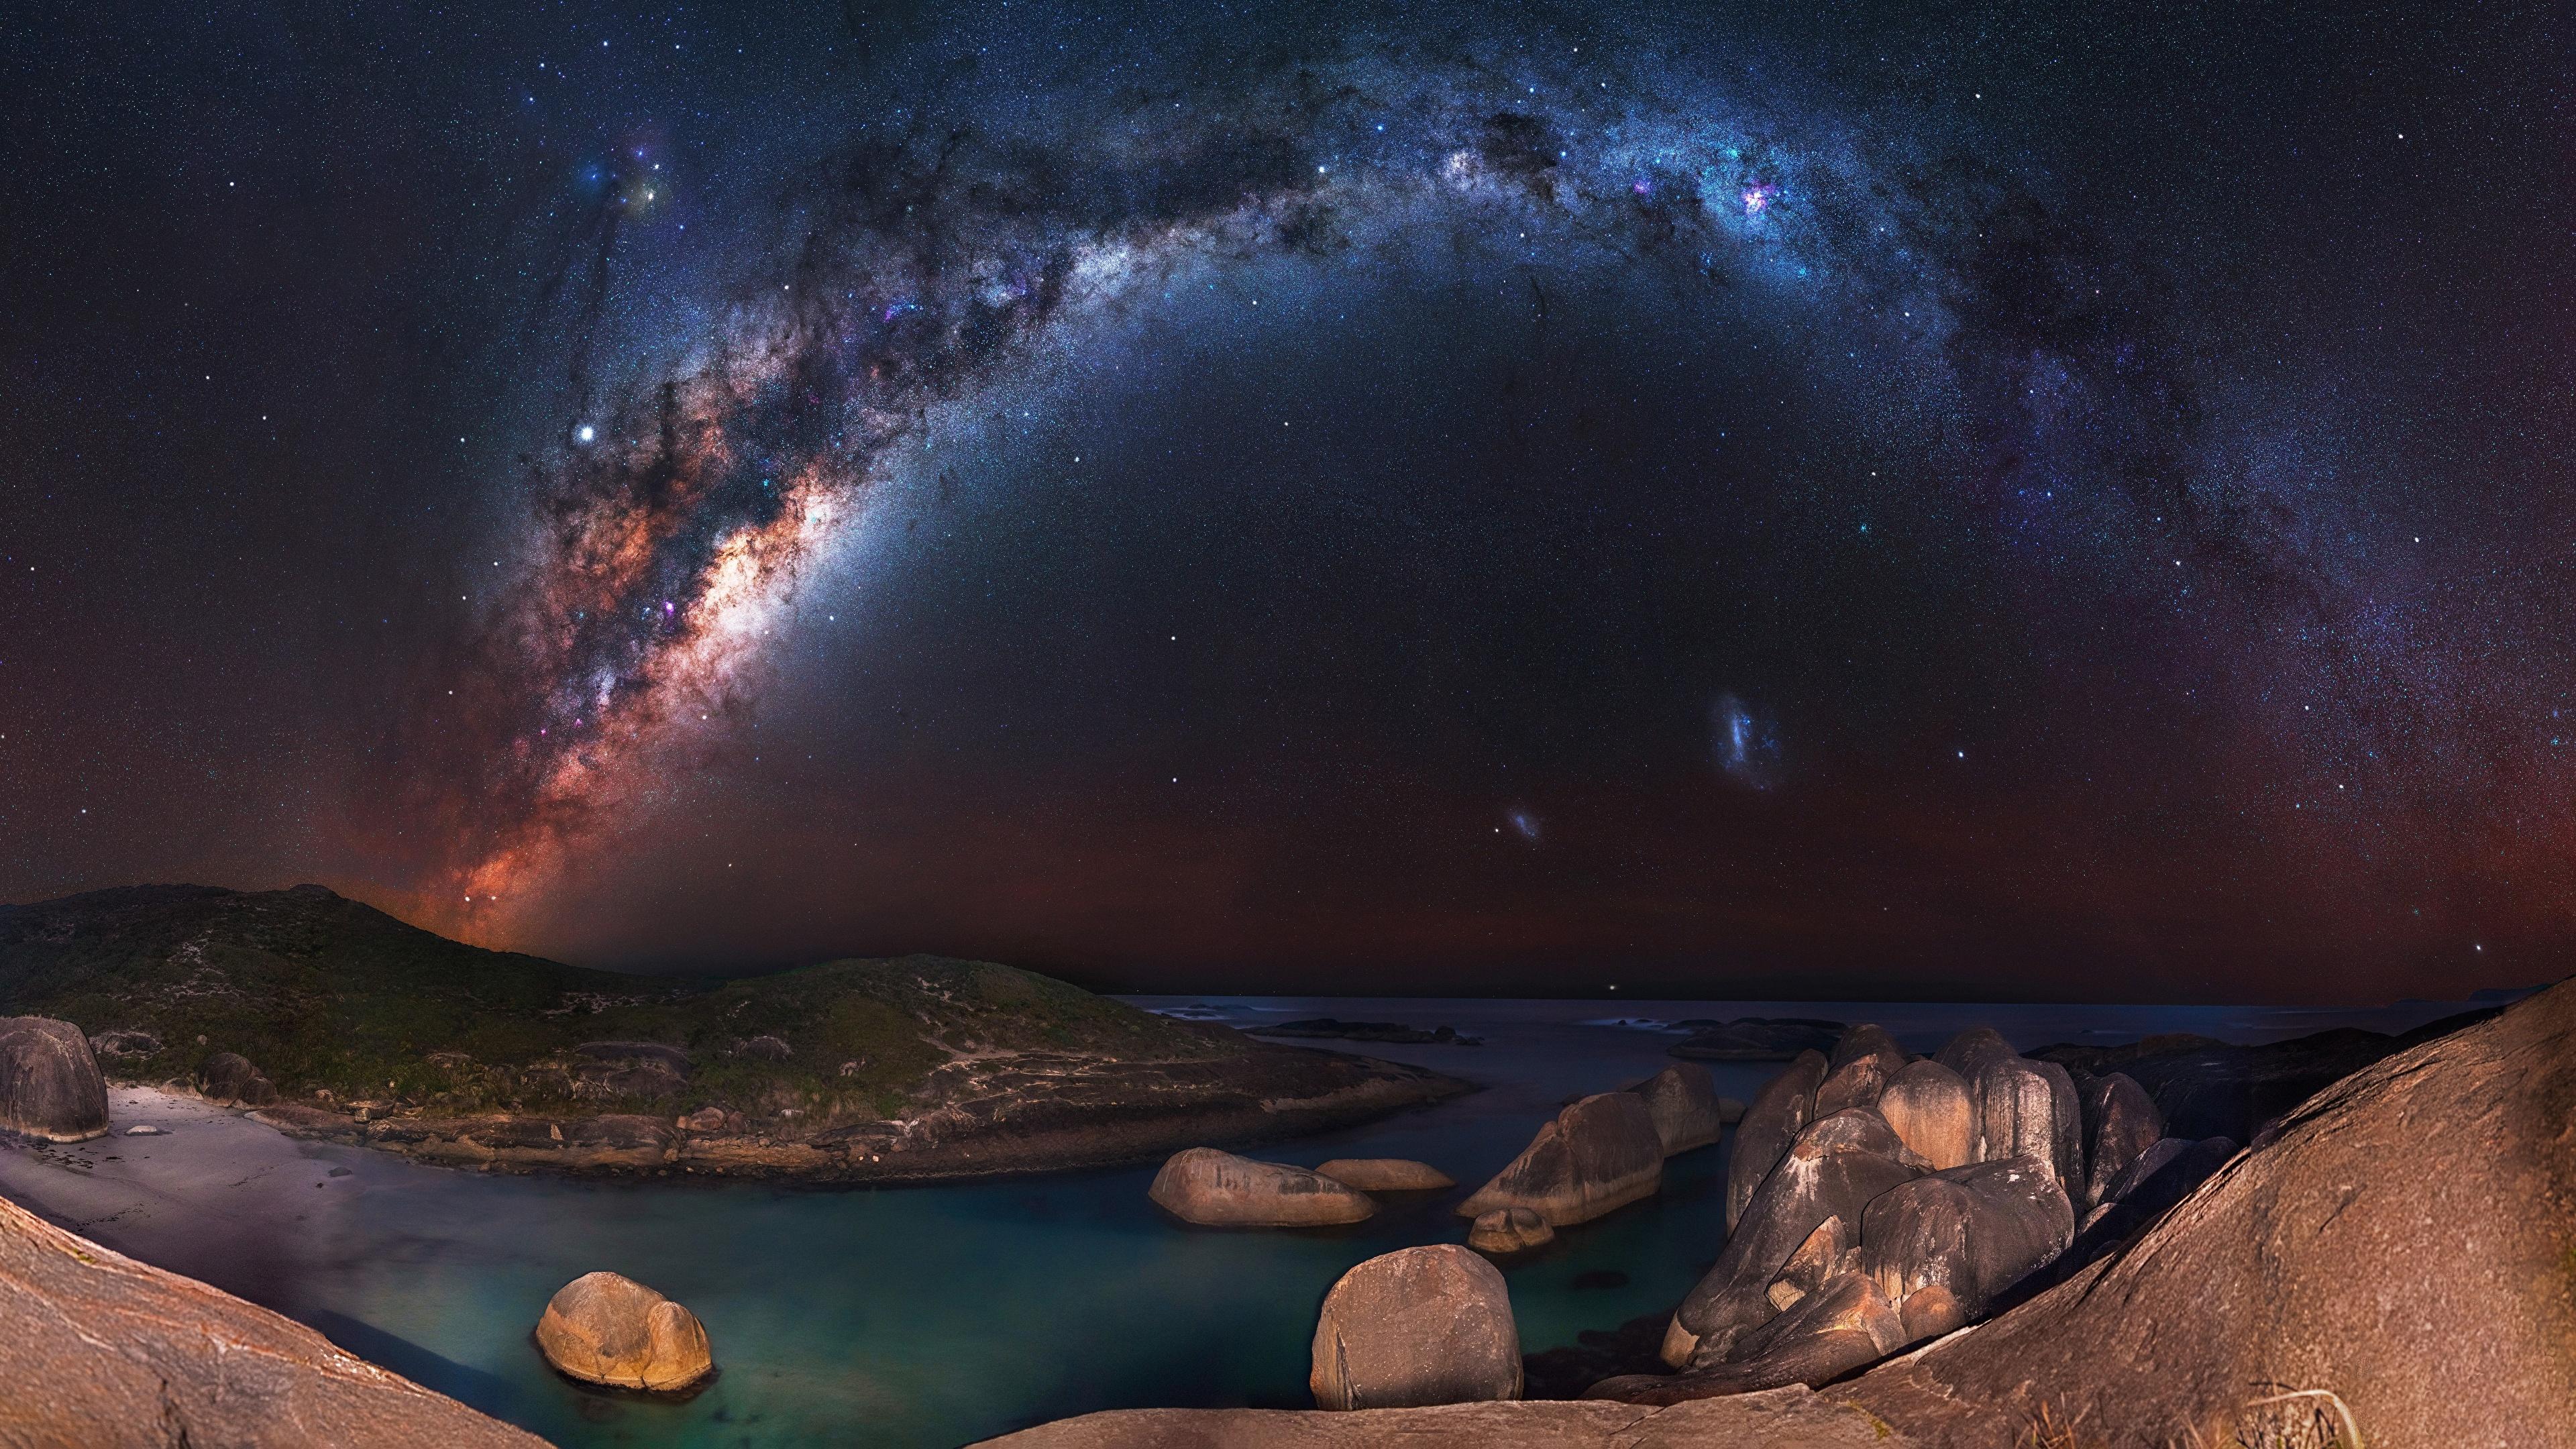 壁紙 3840x2160 天の川 空 海岸 夜 自然 宇宙空間